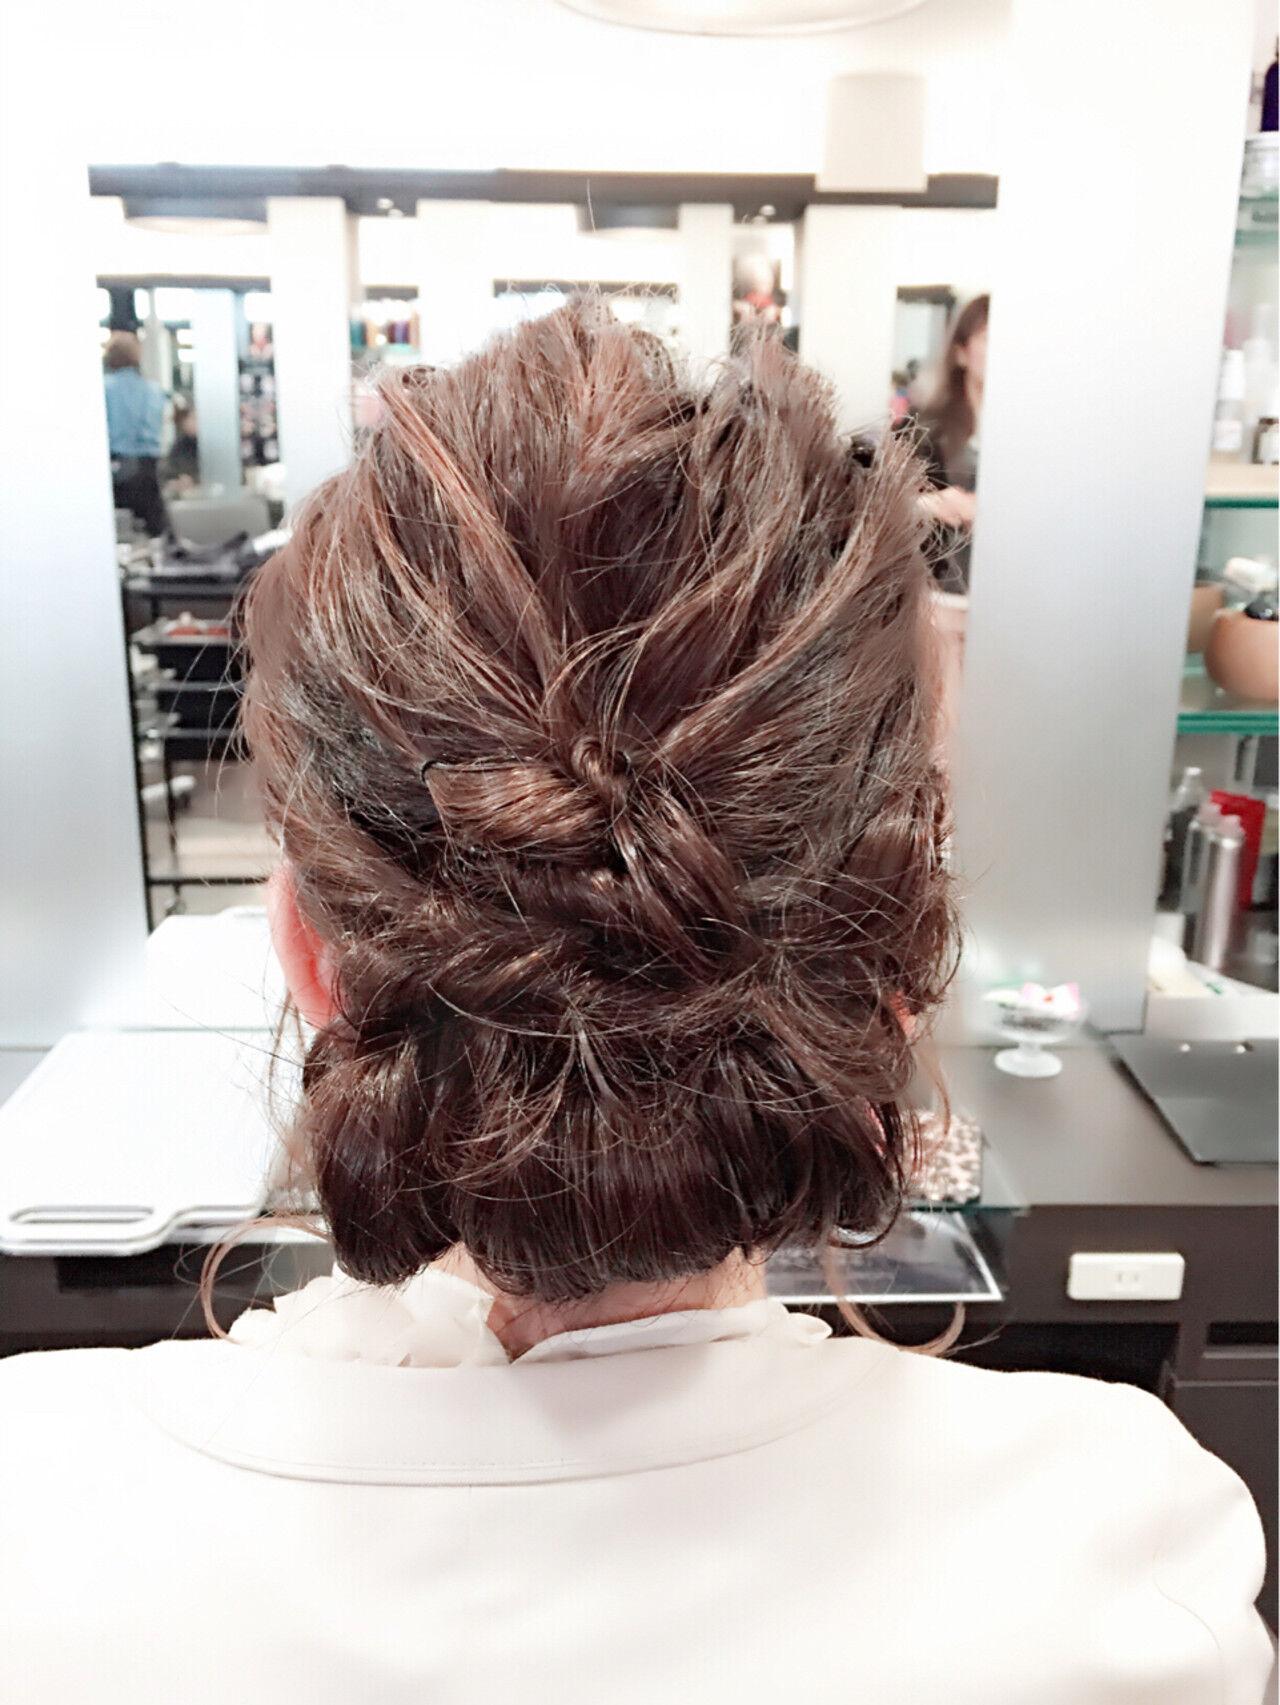 ボブ 大人かわいい フェミニン ヘアアレンジヘアスタイルや髪型の写真・画像